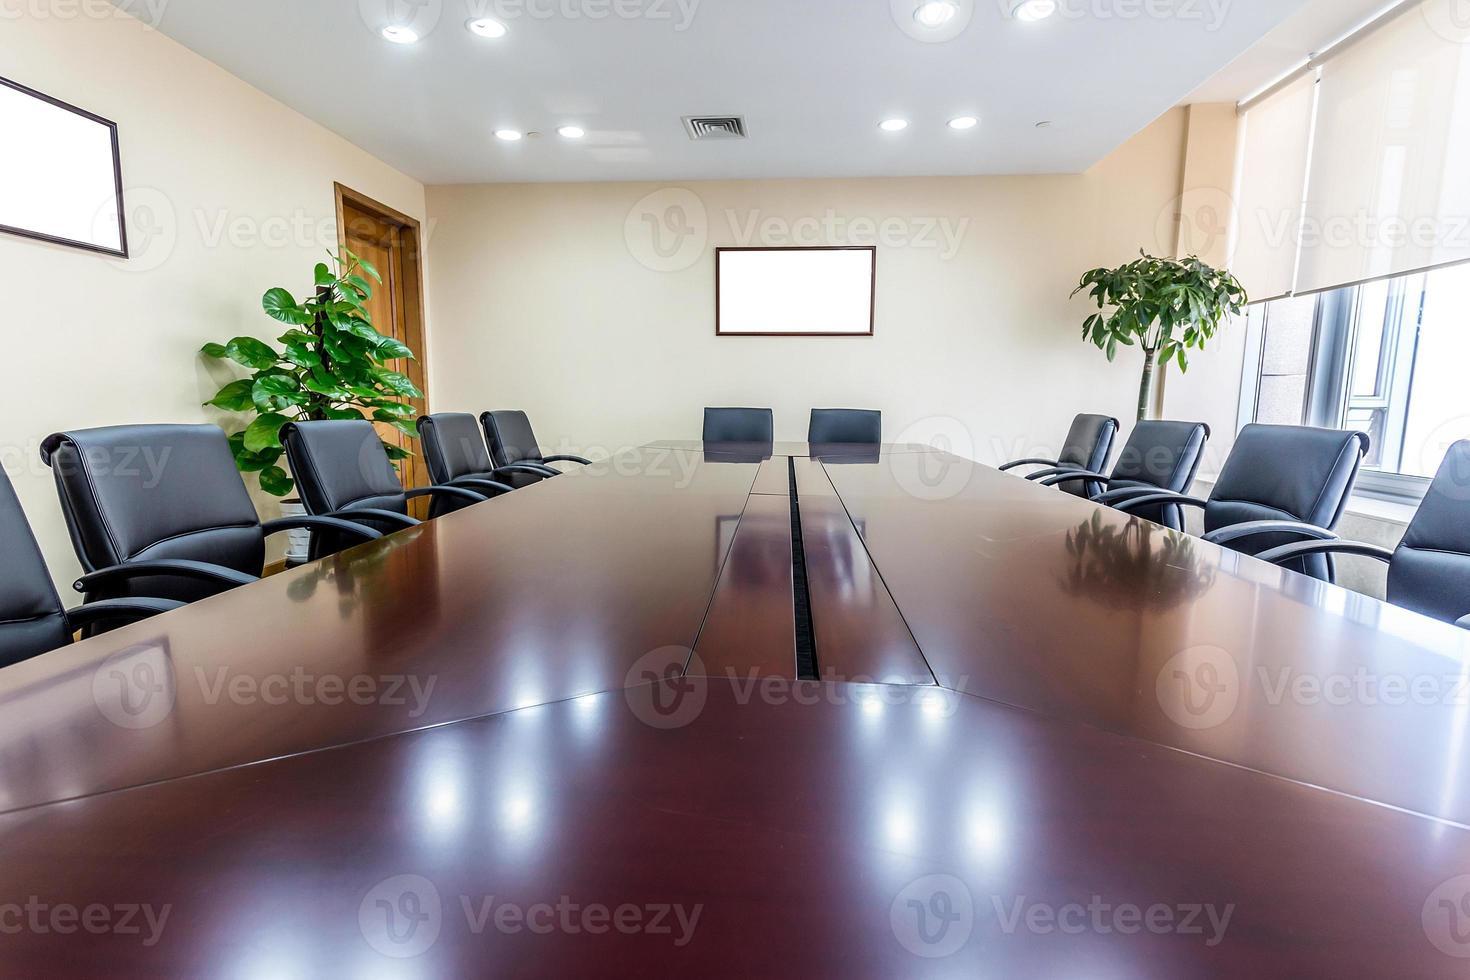 zakelijke vergaderruimte interieur foto